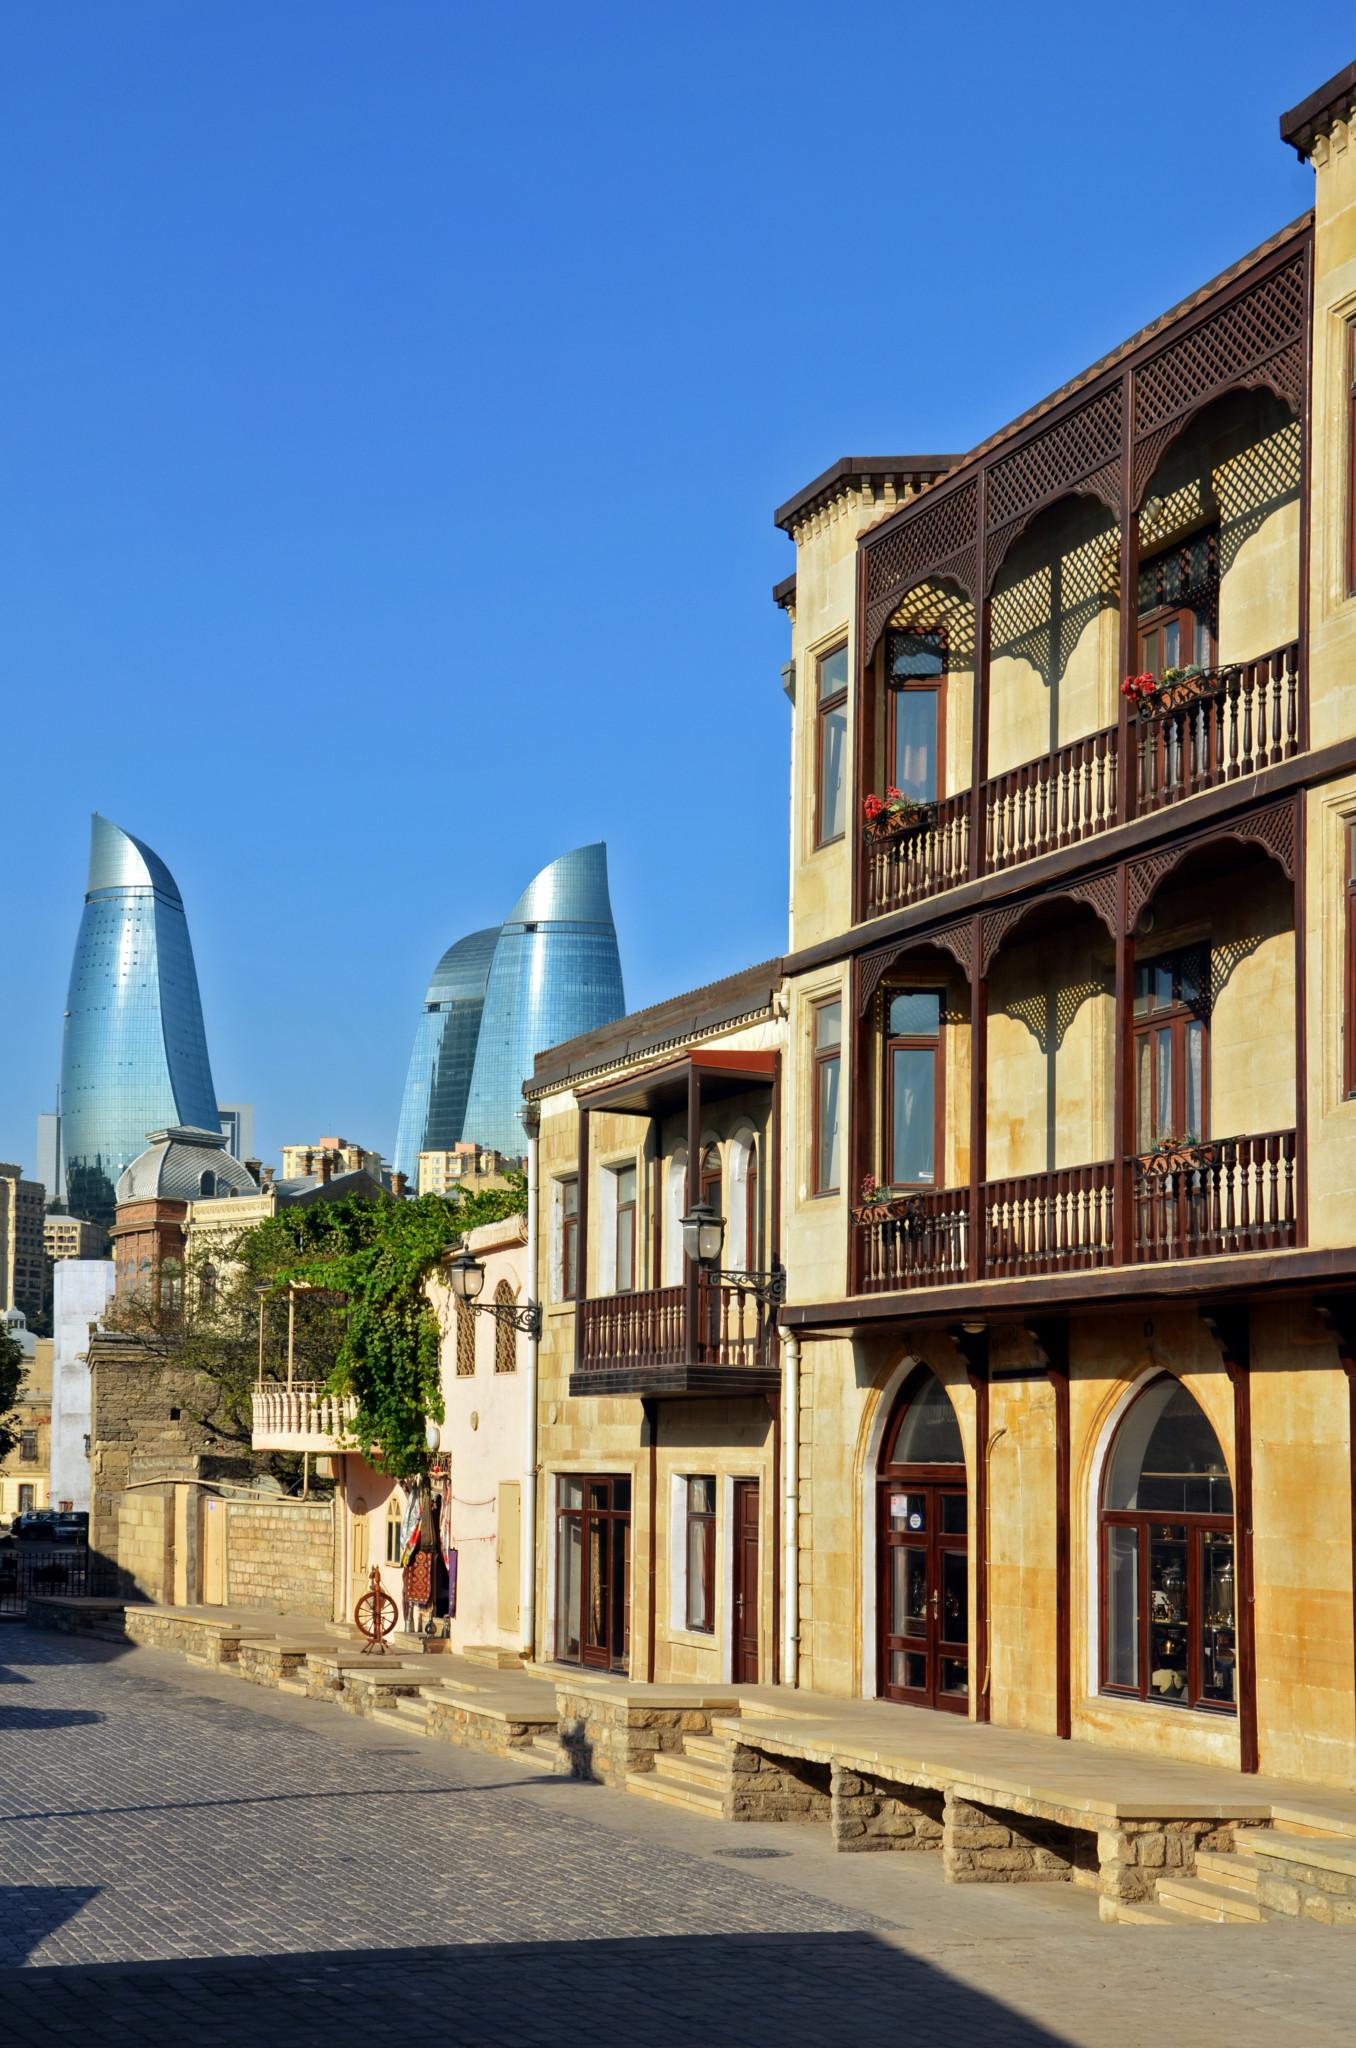 Eines der wichtigsten Aserbaidschan Sehenswürdigkeiten sind die Flame Towers